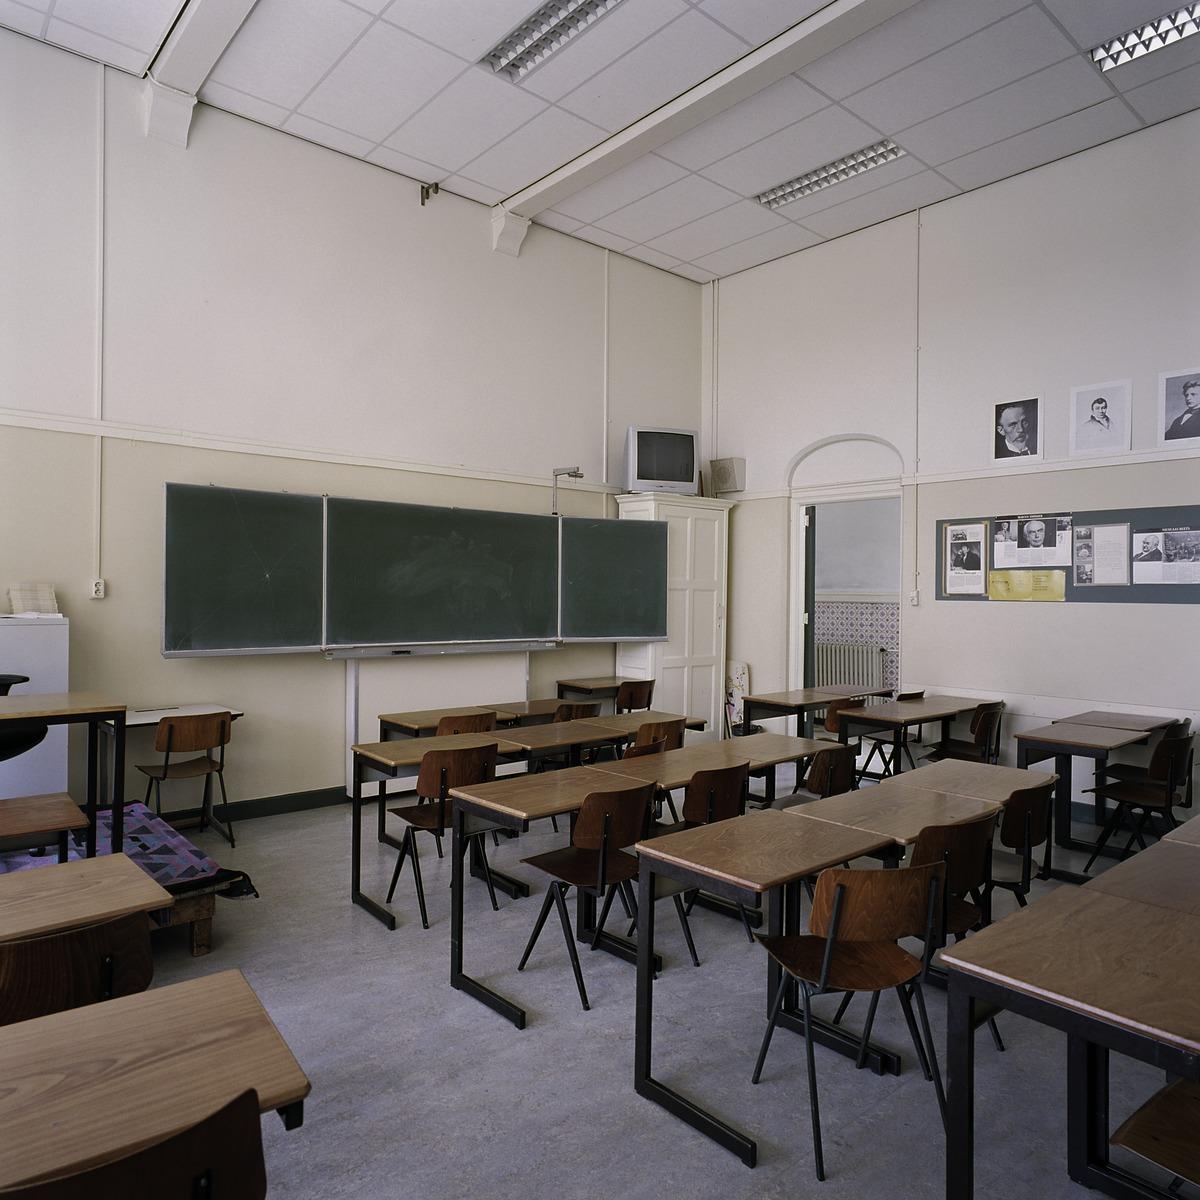 File interieur overzicht van een klaslokaal 39 s for Interieur leuven